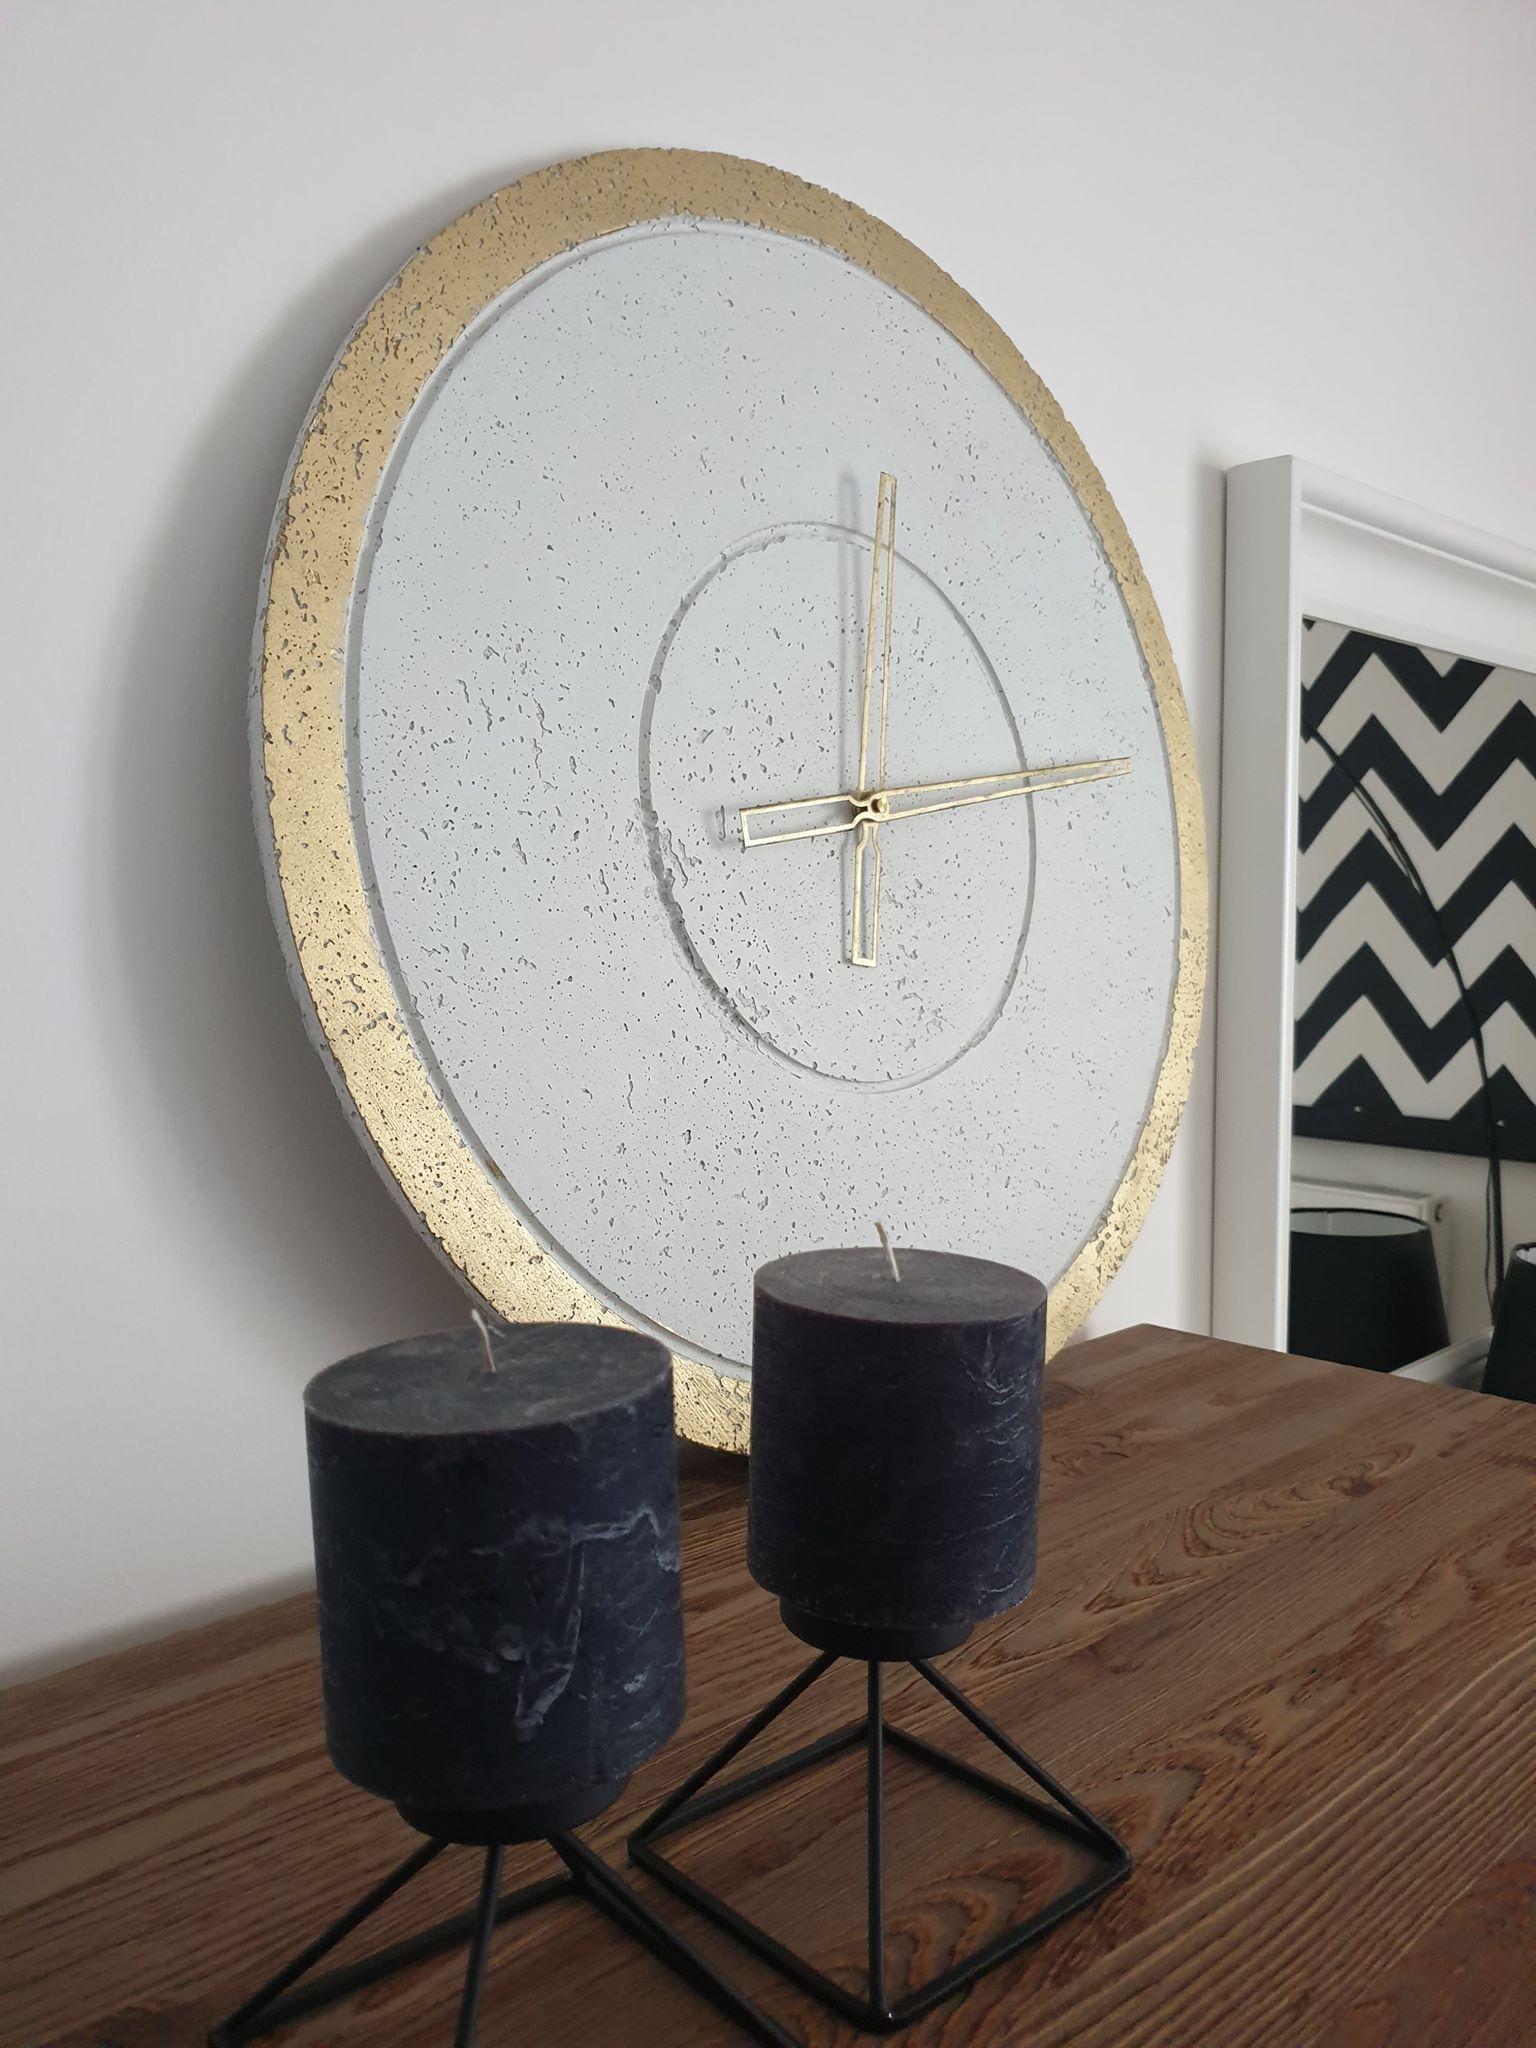 Concrete Wall Clock Concrete Clock Handmade Large Wall Clock Etsy Large Wall Clock Wall Clock Modern Handmade Wall Clocks